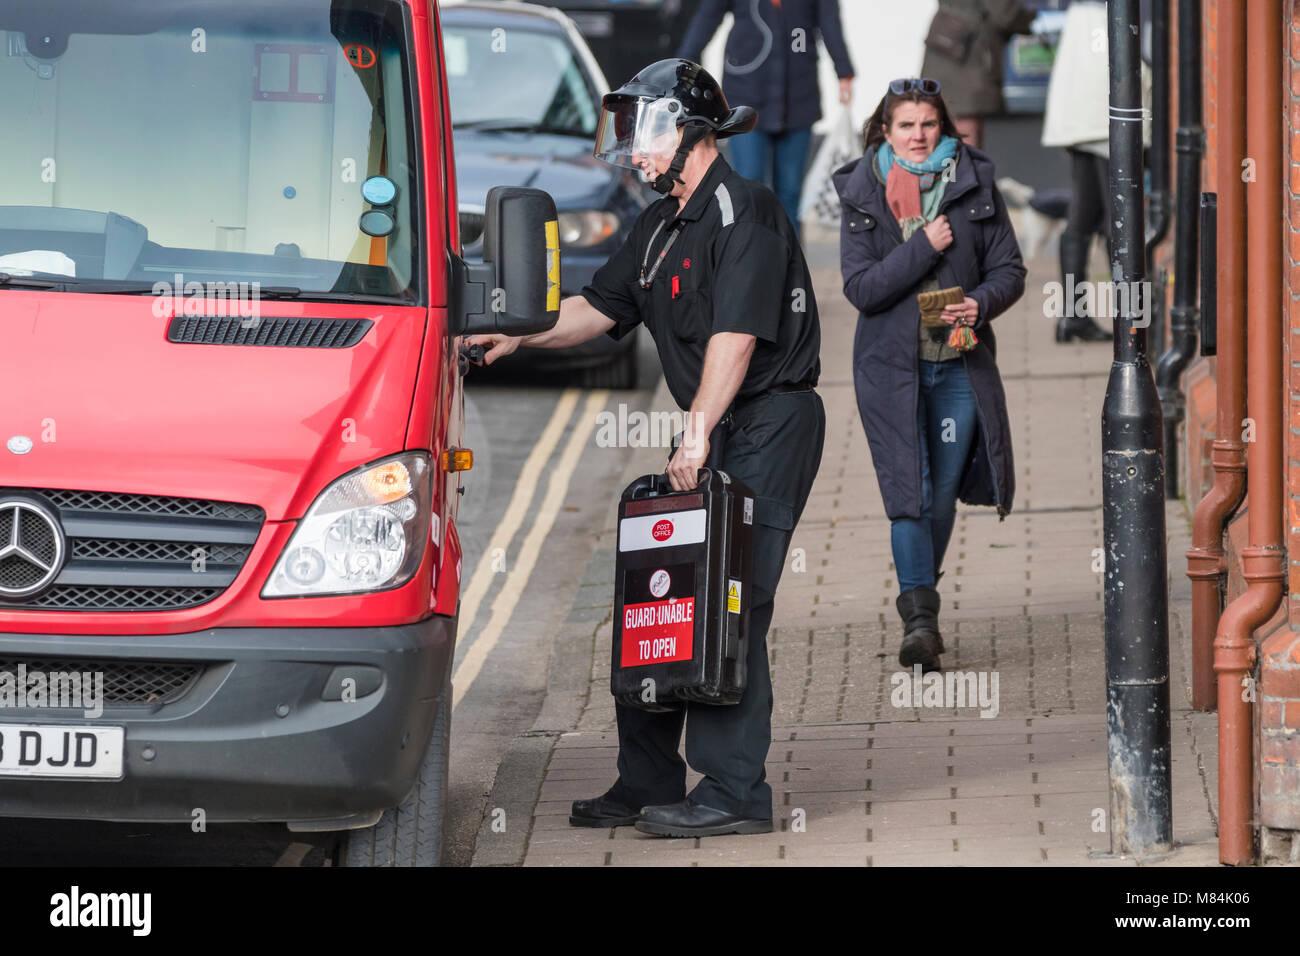 Voce maschile Post Office guardia di sicurezza nel fissare gli indumenti di protezione trasporto custodia sicura di un furgone mentre l erogazione di denaro a disposizione di un ufficio postale in Inghilterra, Regno Unito. Foto Stock